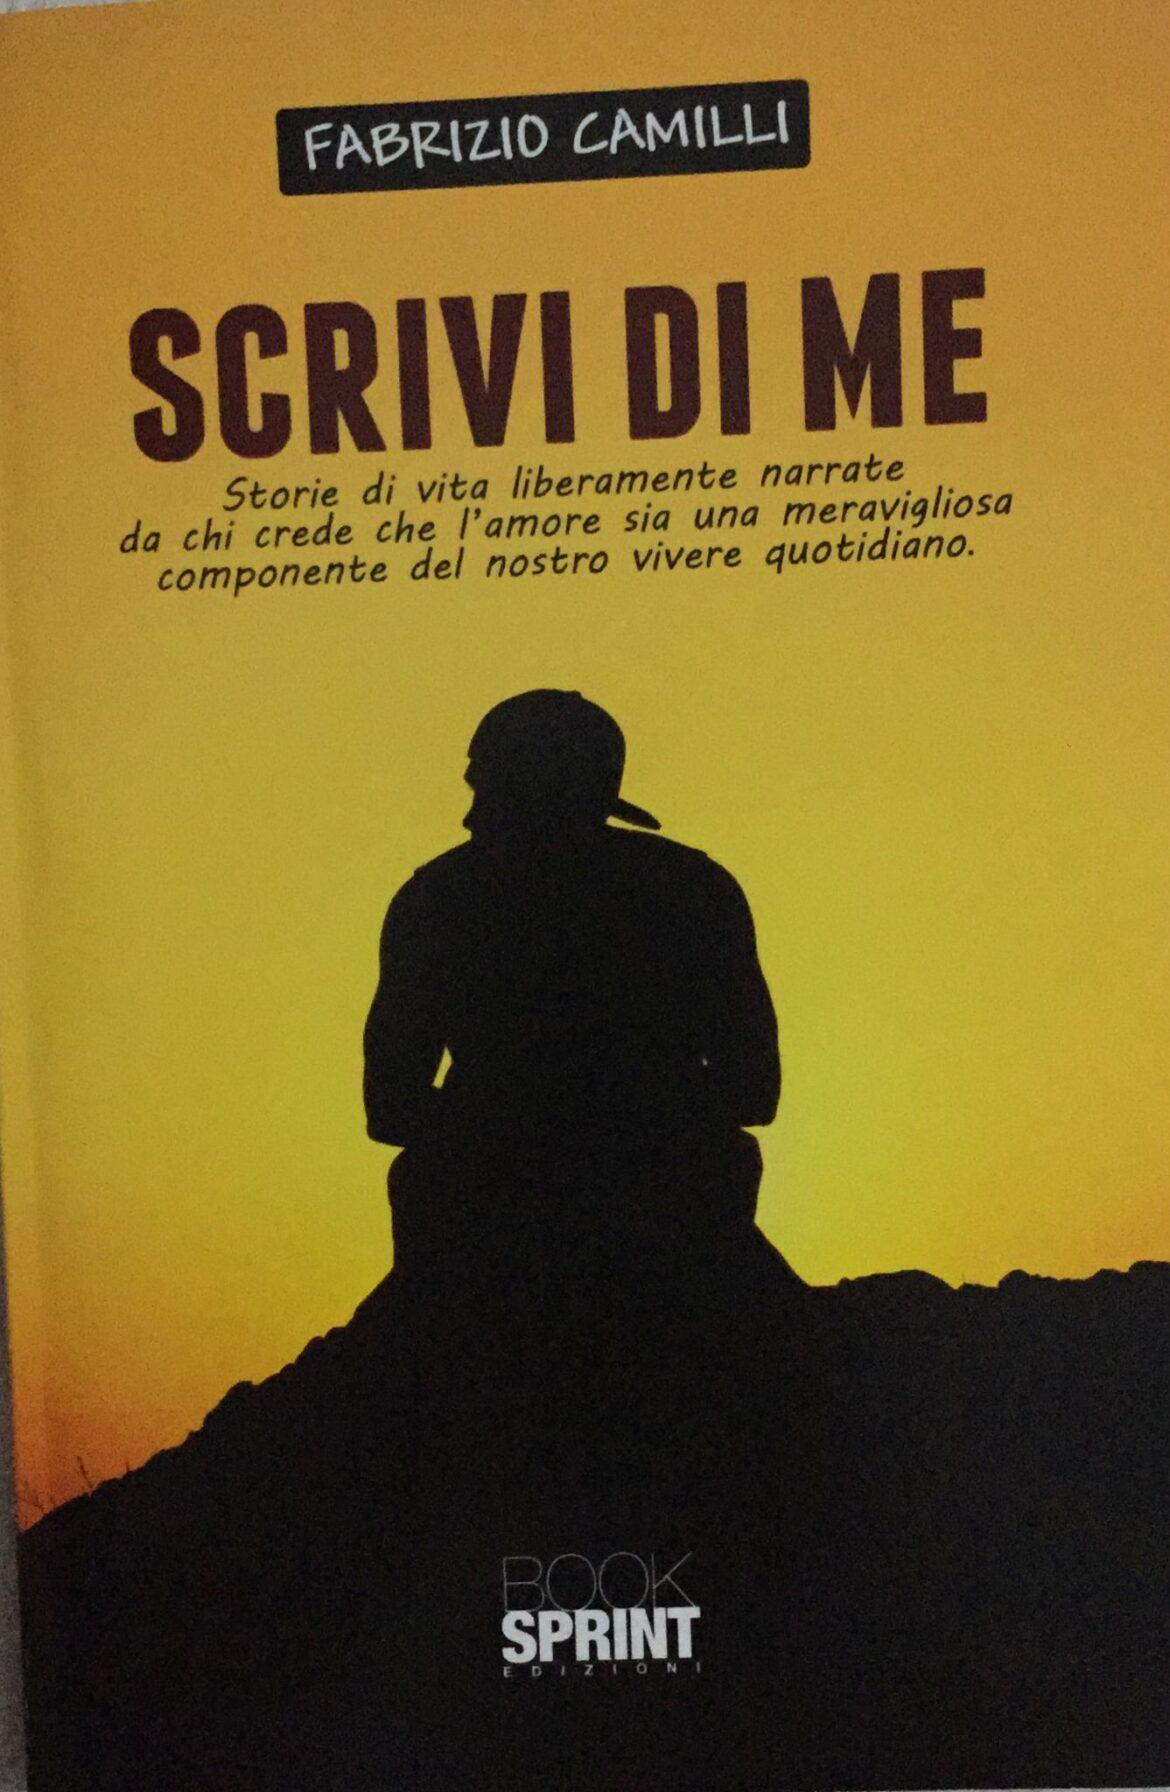 """Storie e aneddoti intriganti in """"Scrivi di me"""", ultimo lavoro di Fabrizio Camilli"""